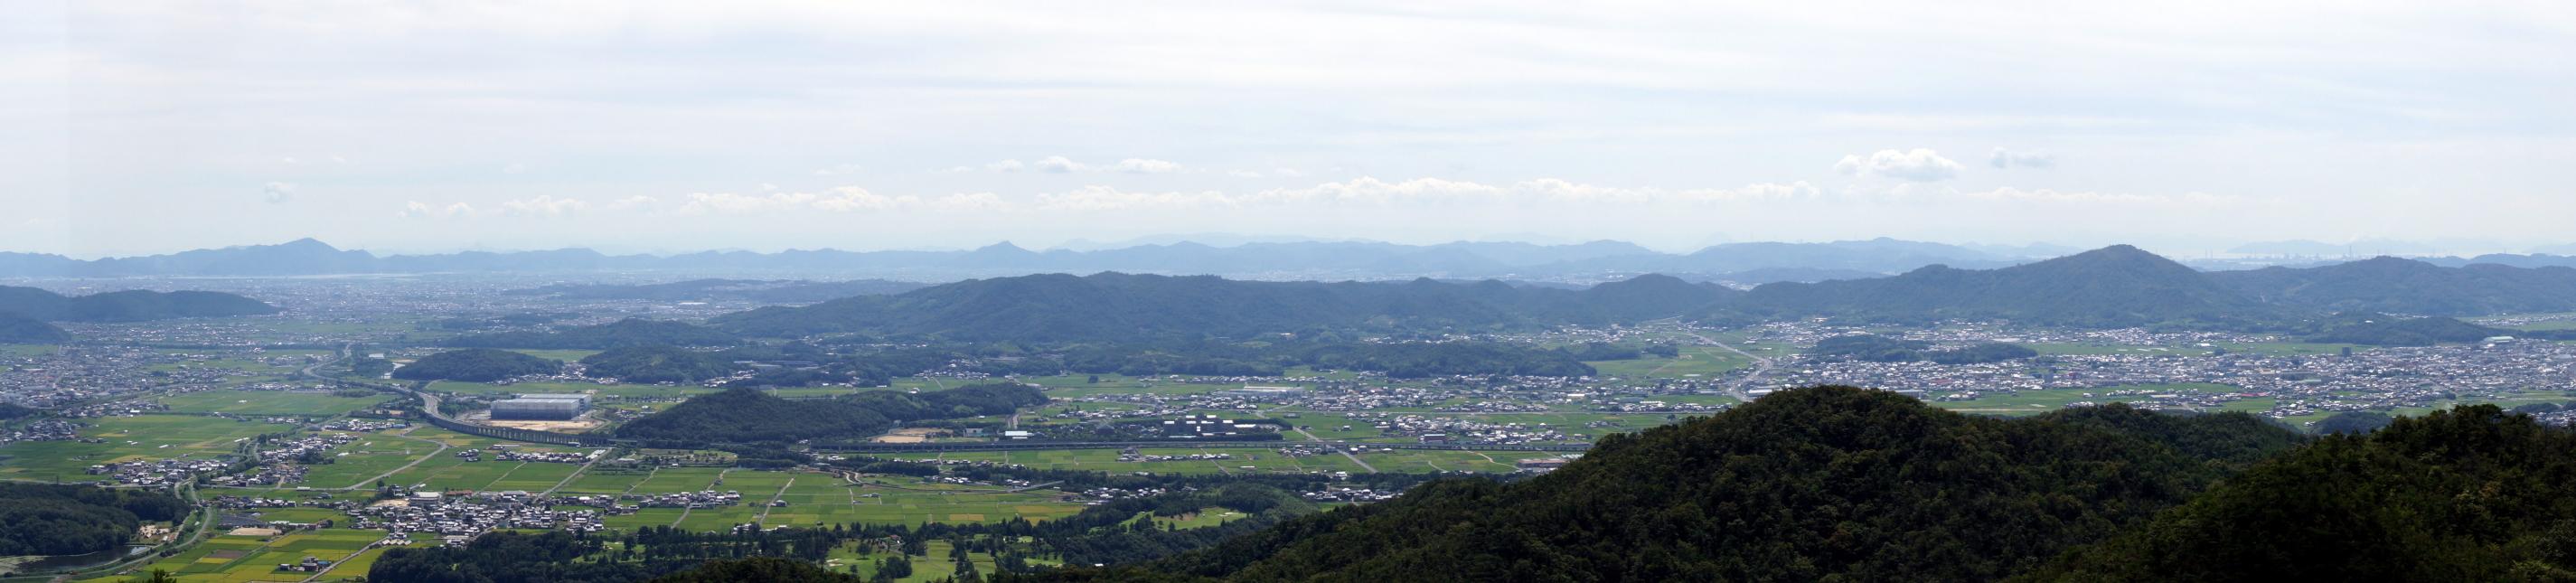 kibiji-area-from-kinojo-castle